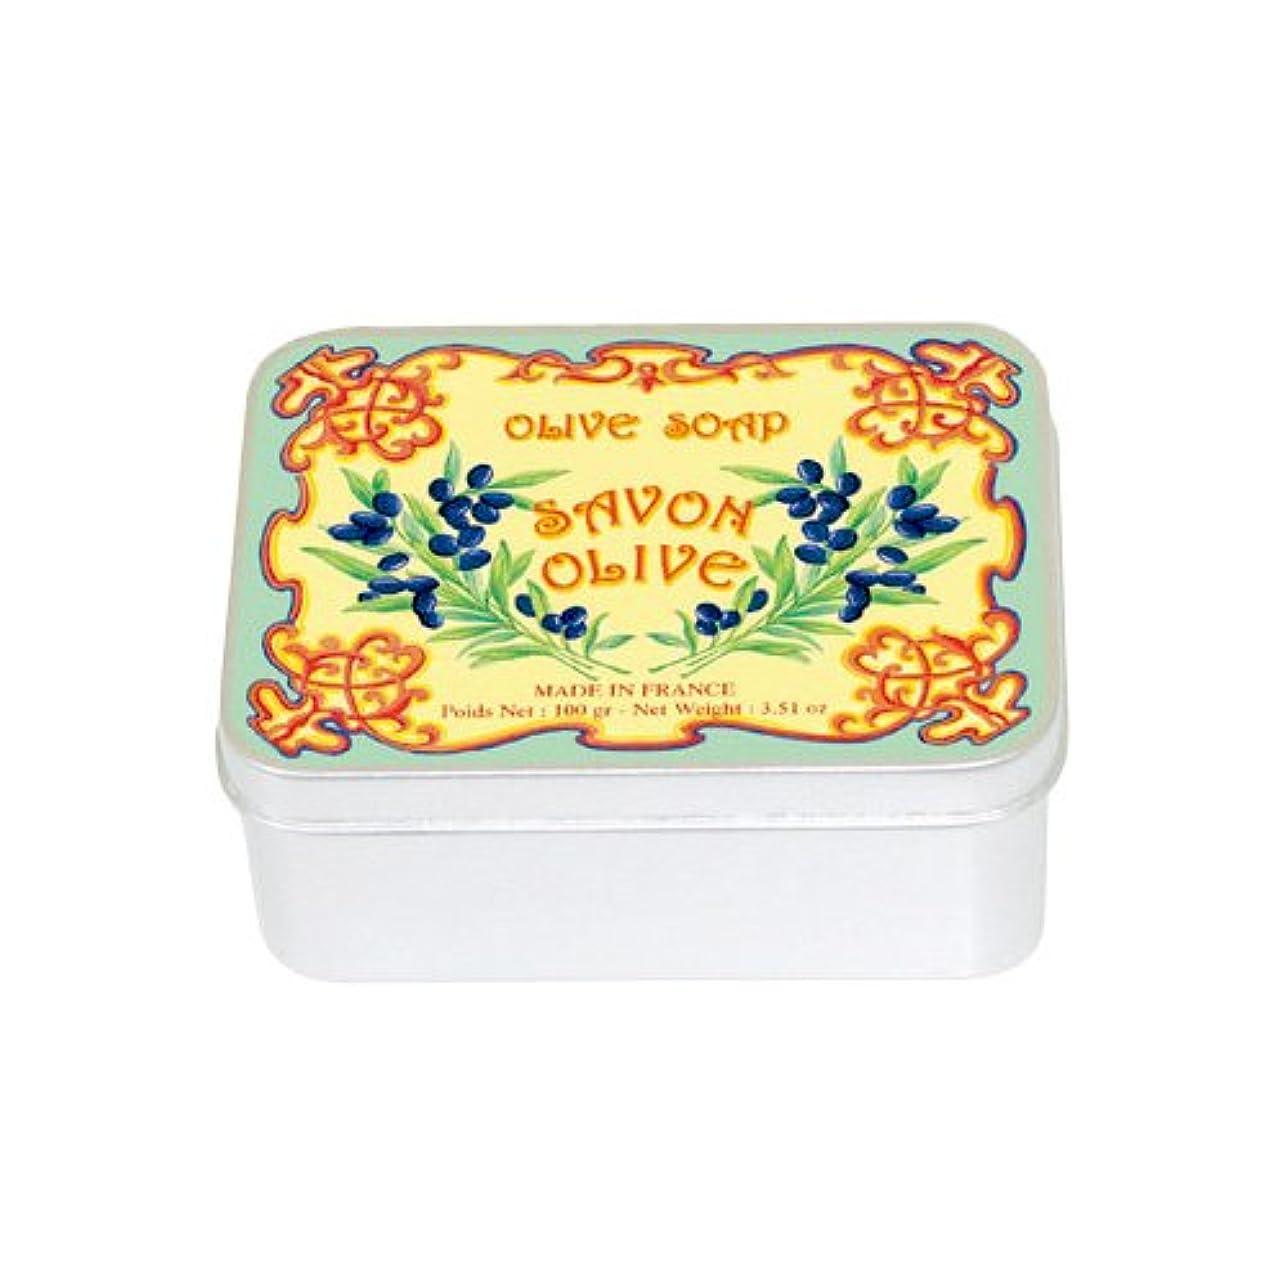 震え到着ルブランソープ メタルボックス(オリーブの香り)石鹸